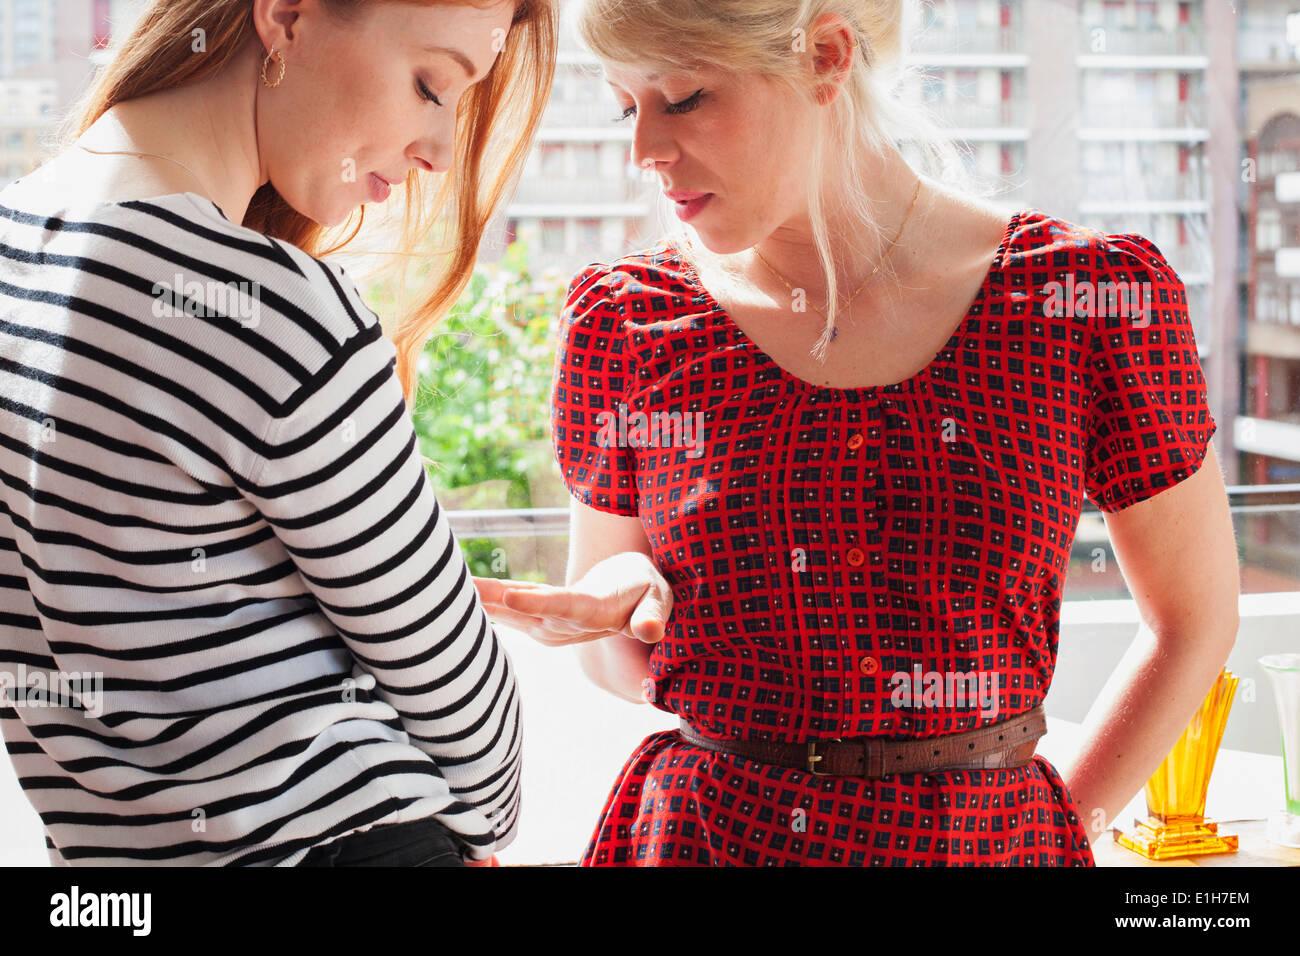 Las mujeres jóvenes mirando las uñas Imagen De Stock